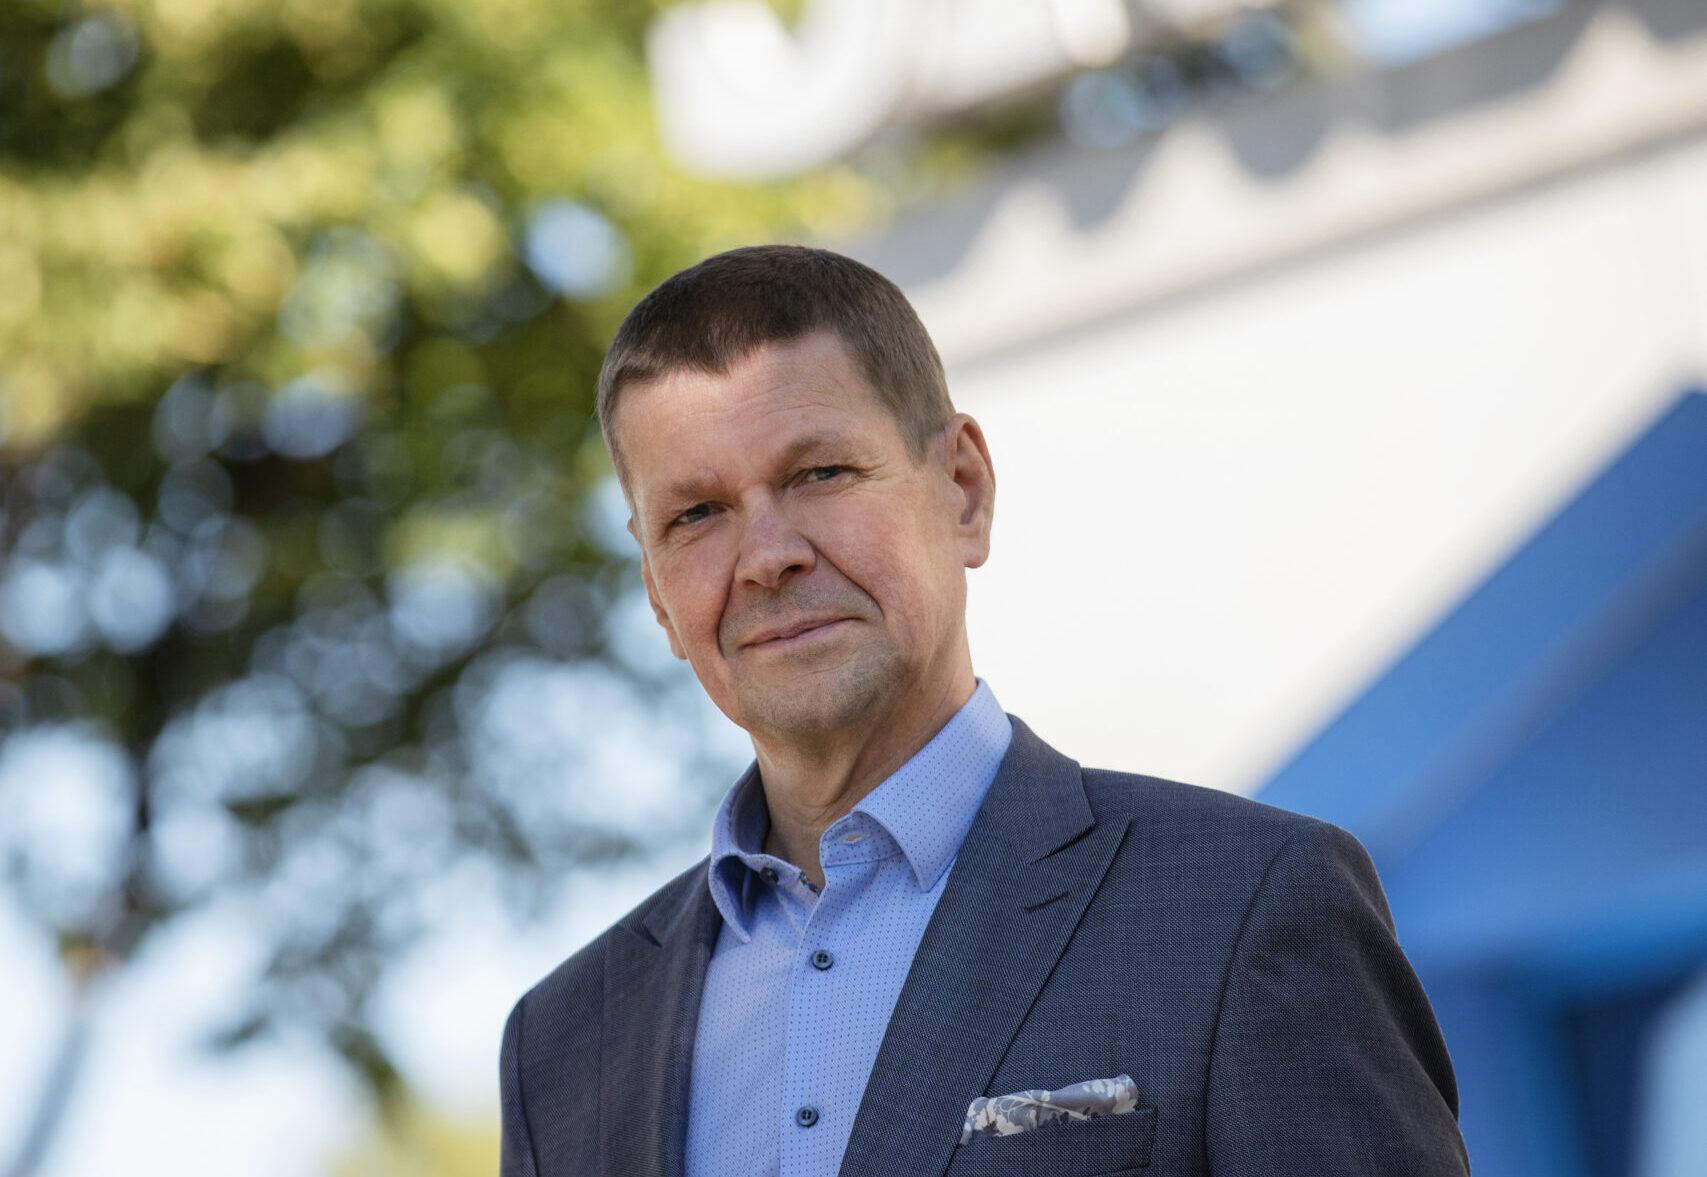 Kuvassa Oulun Sivakan toimitusjohtaja Raimo Hätälä vaaleaa, kesäistä taustaa vasten.